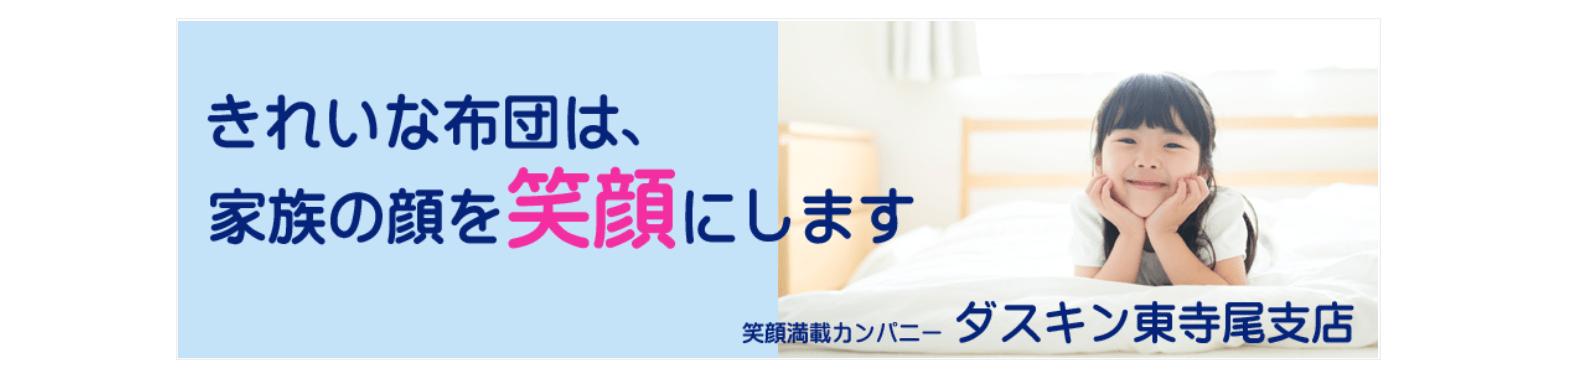 ダスキン 東寺尾支店